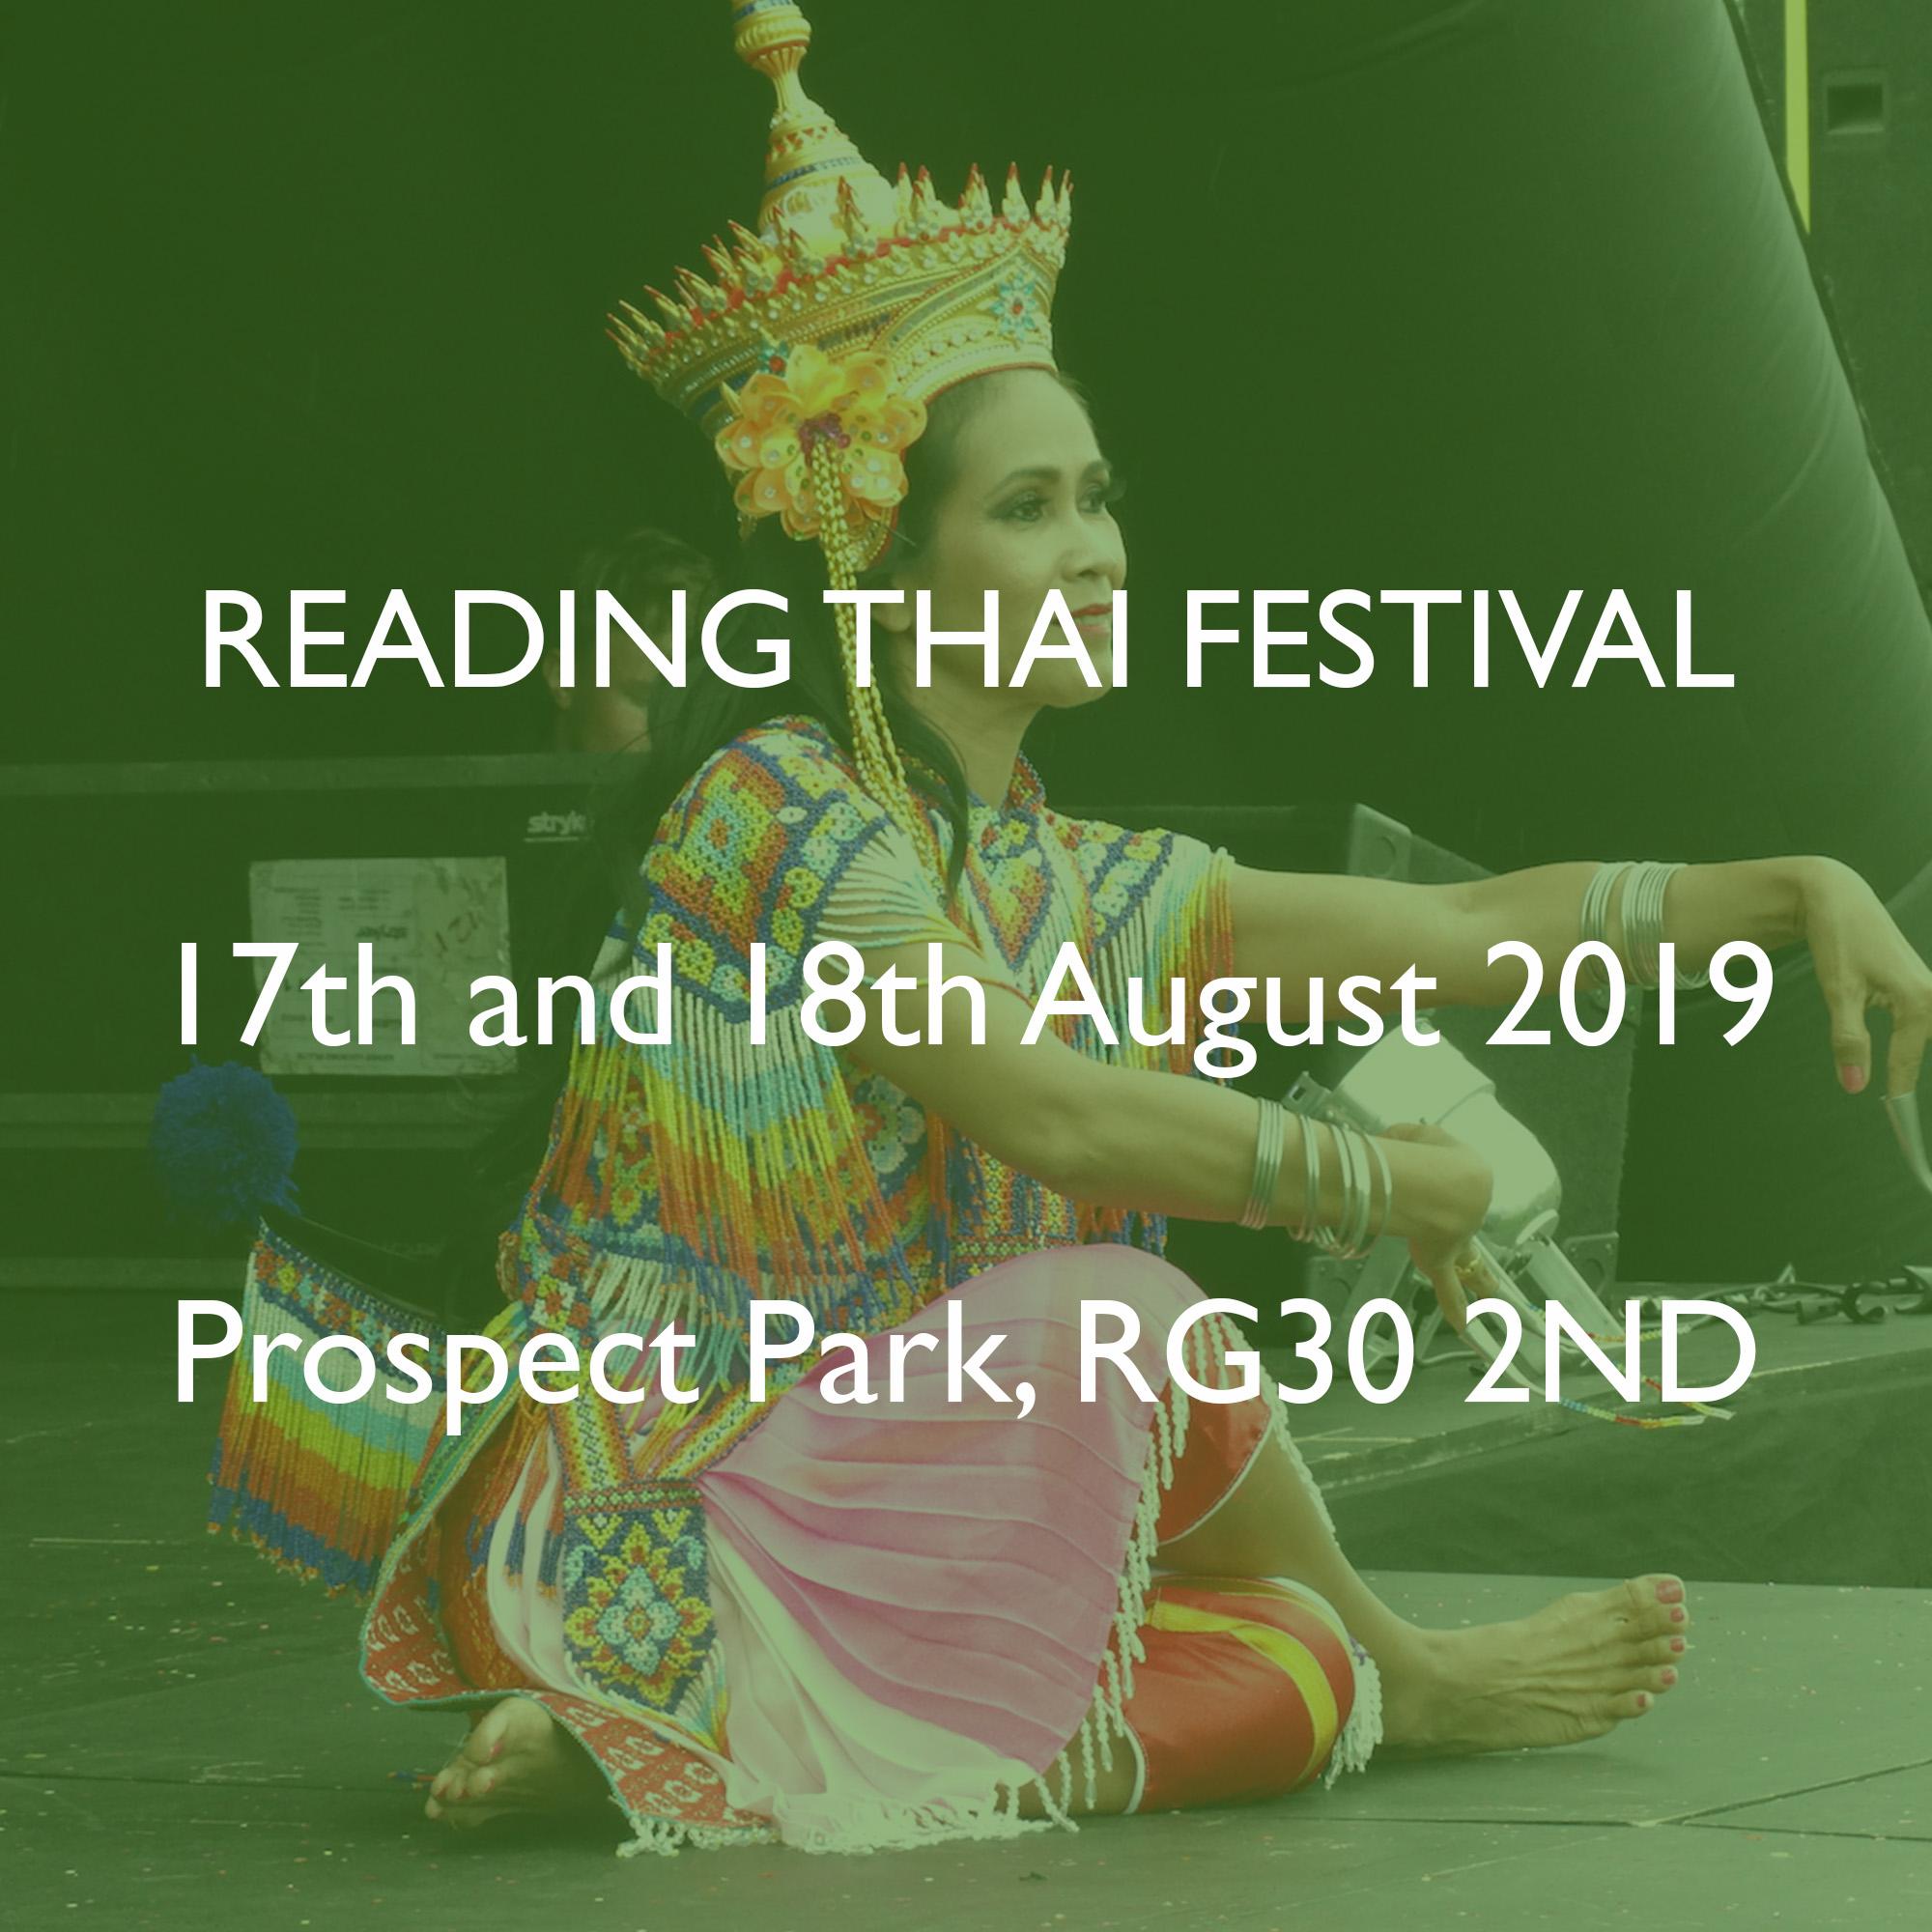 reading thai festival 2019